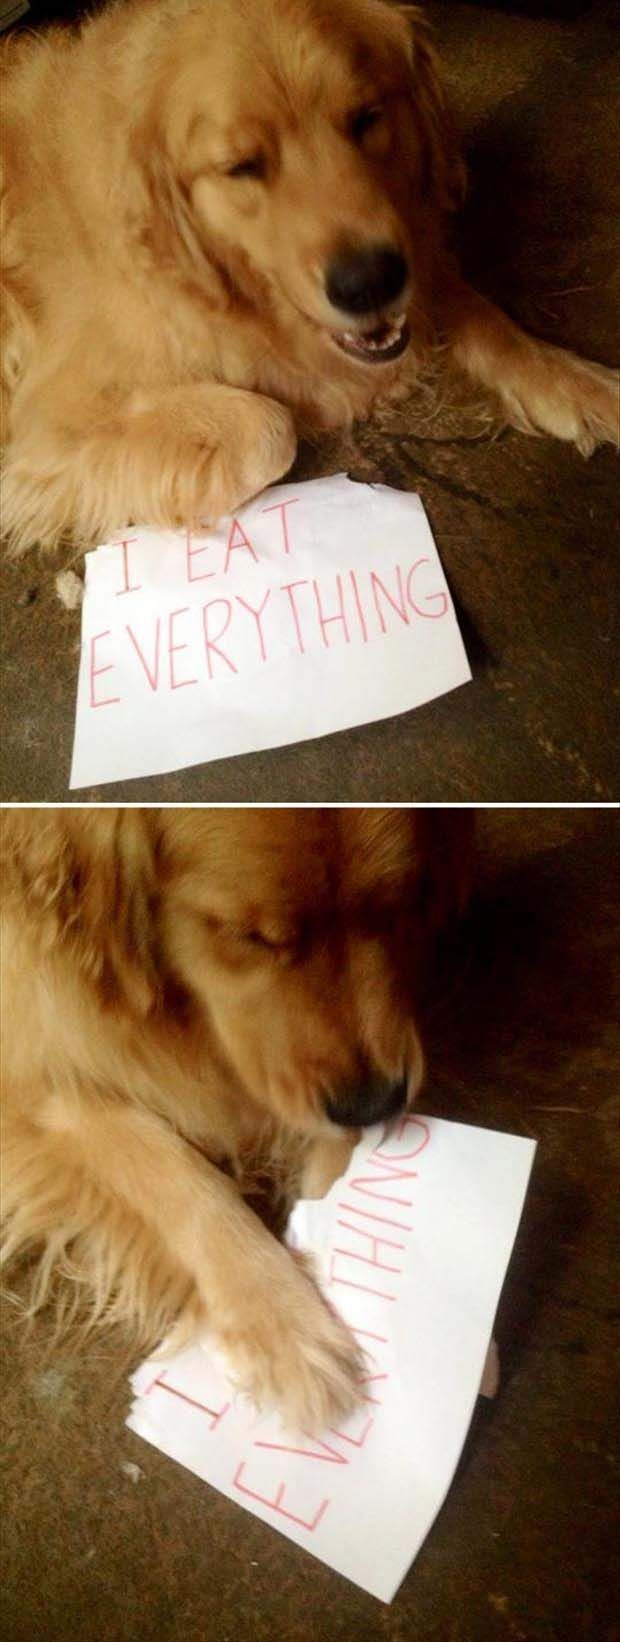 I Eat Everything